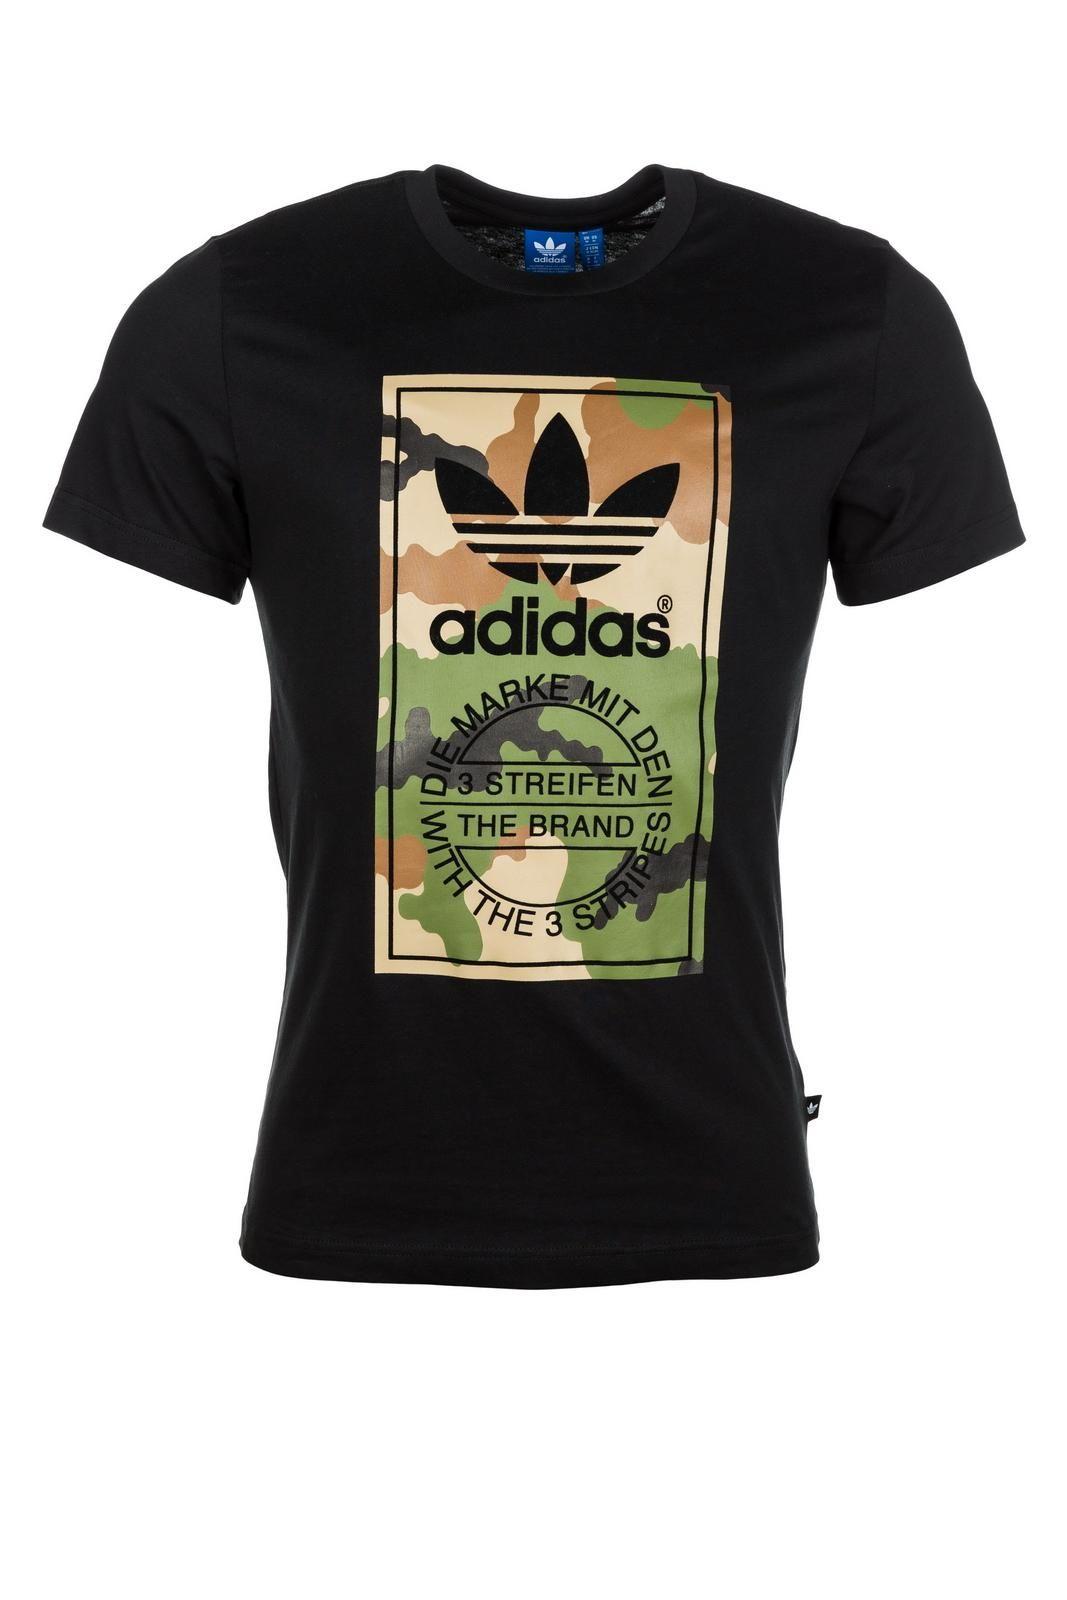 adidas Originals Camo Label Tee Black in 2019 | Adidas camo